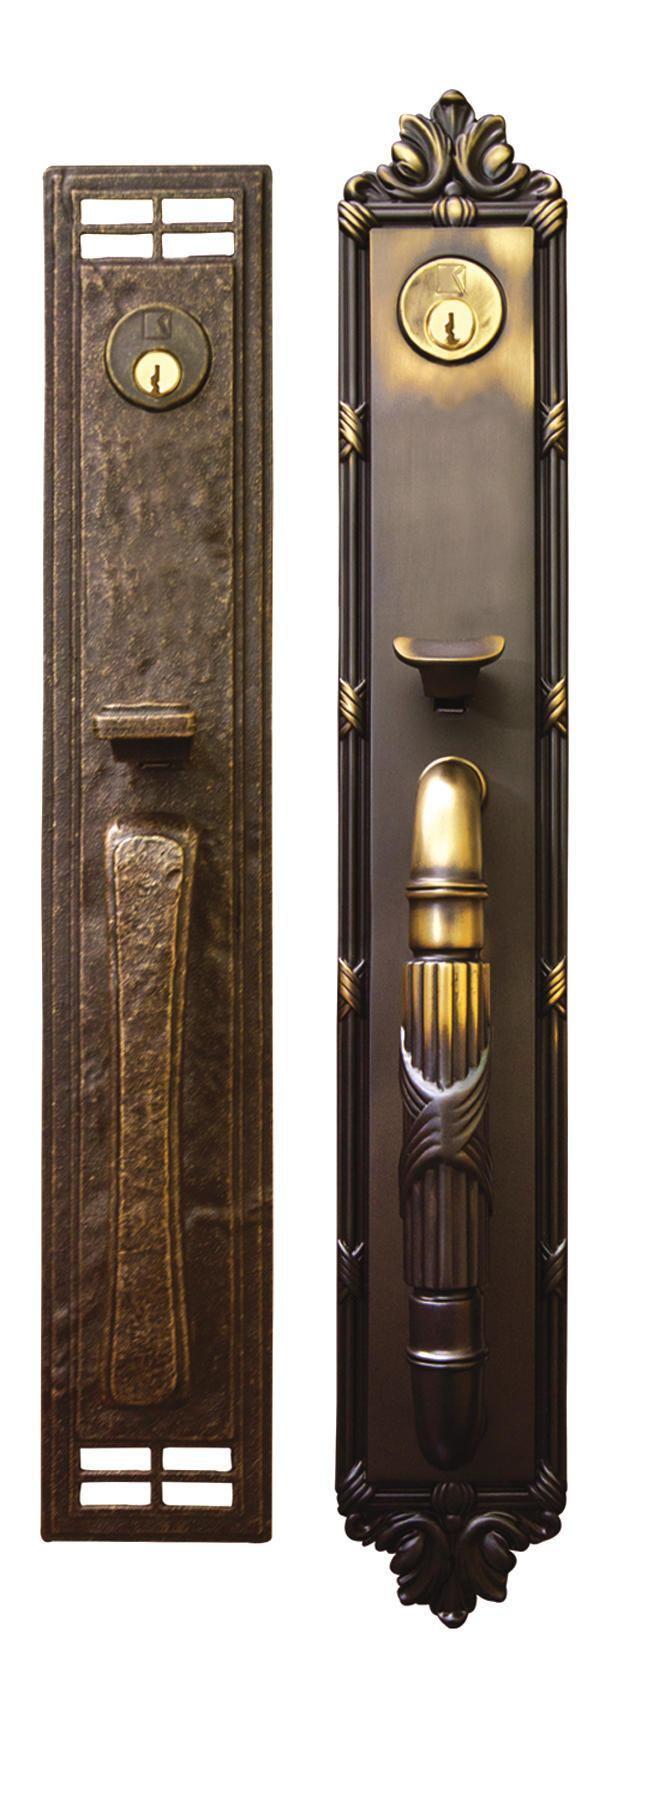 keeler architectural door hardware s securemote technology builder